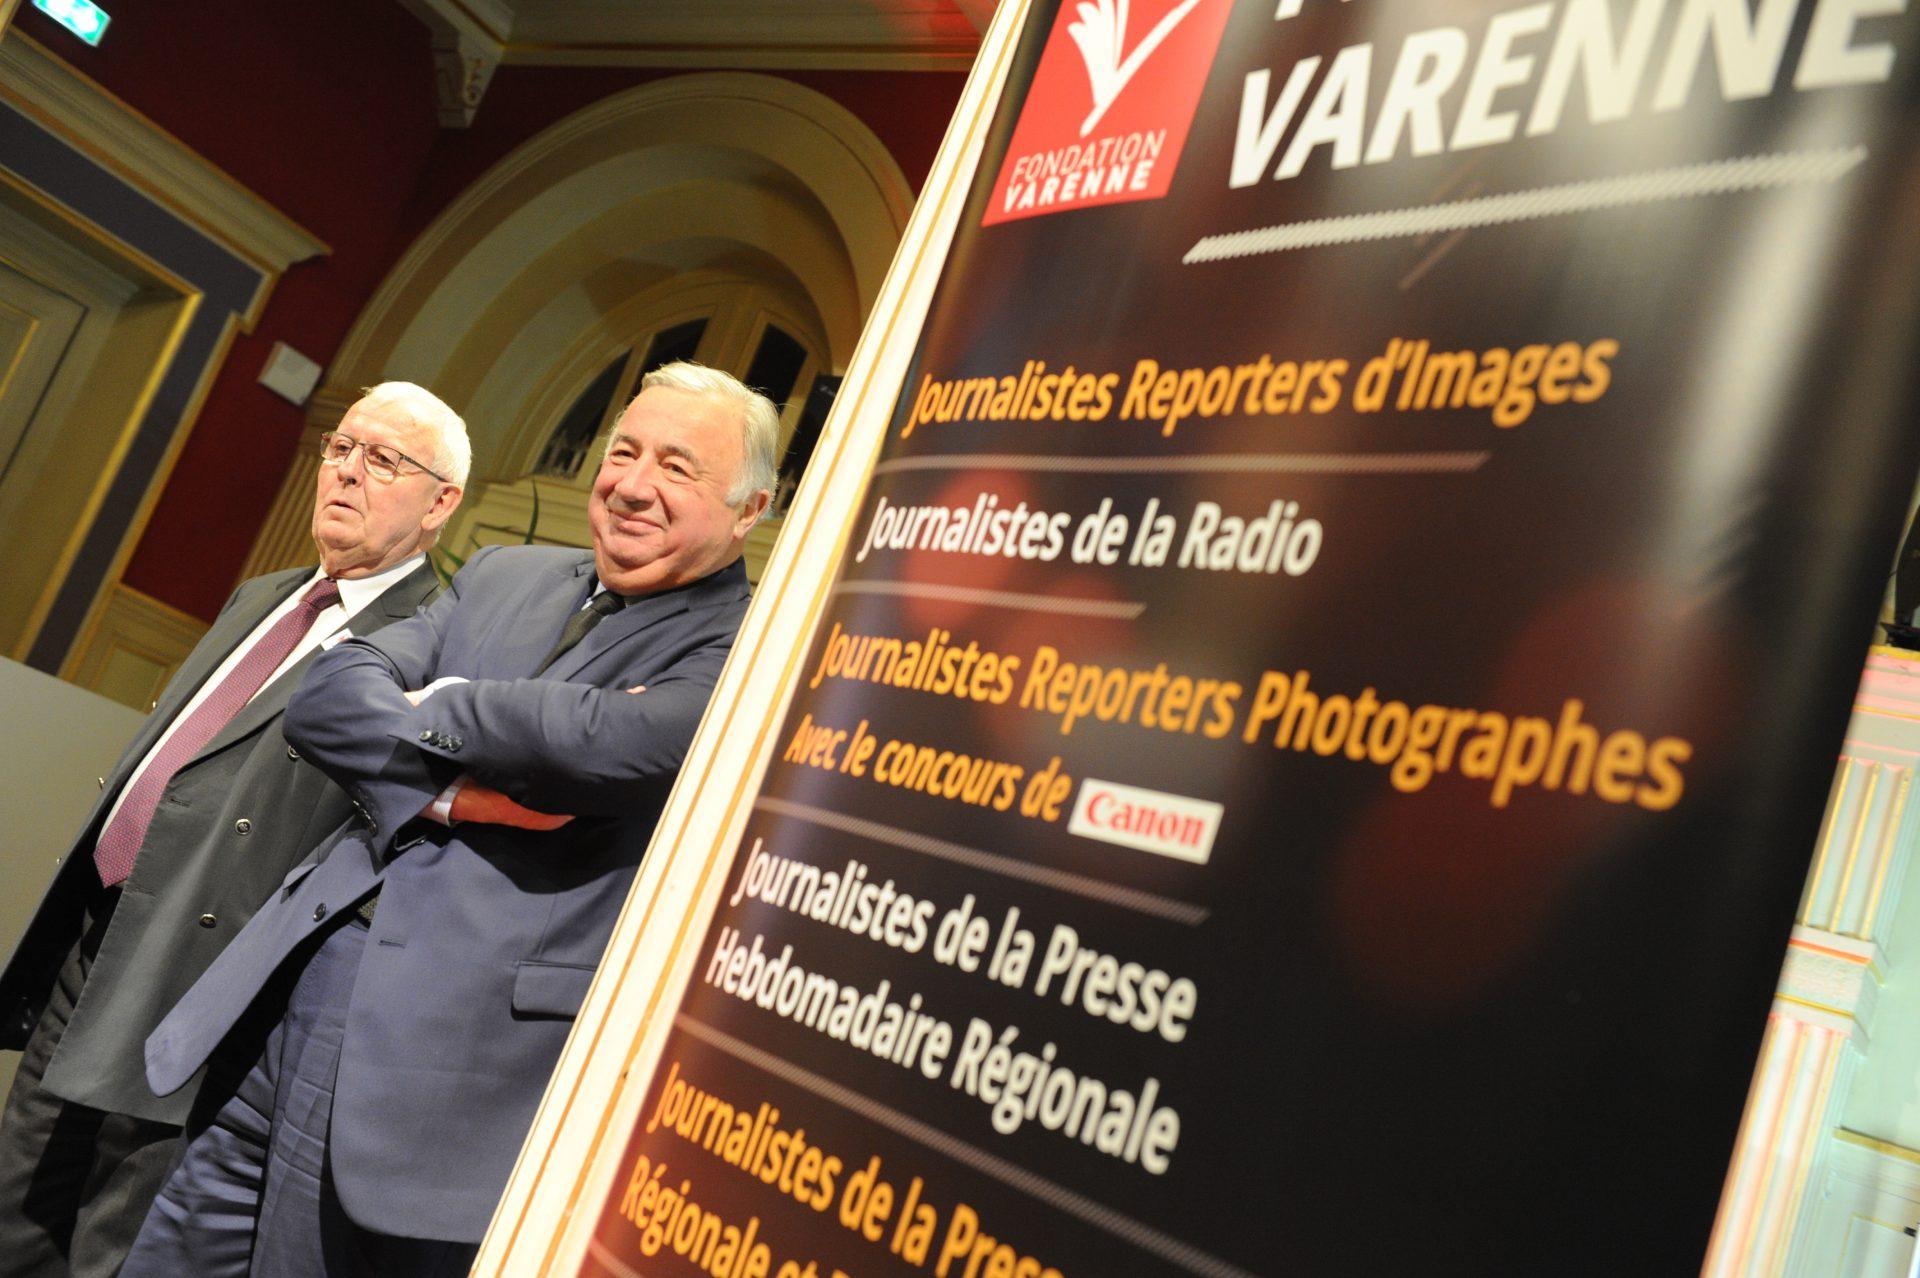 Prix Varenne 2018, Daniel POUZADOUX et Gérard LARCHER